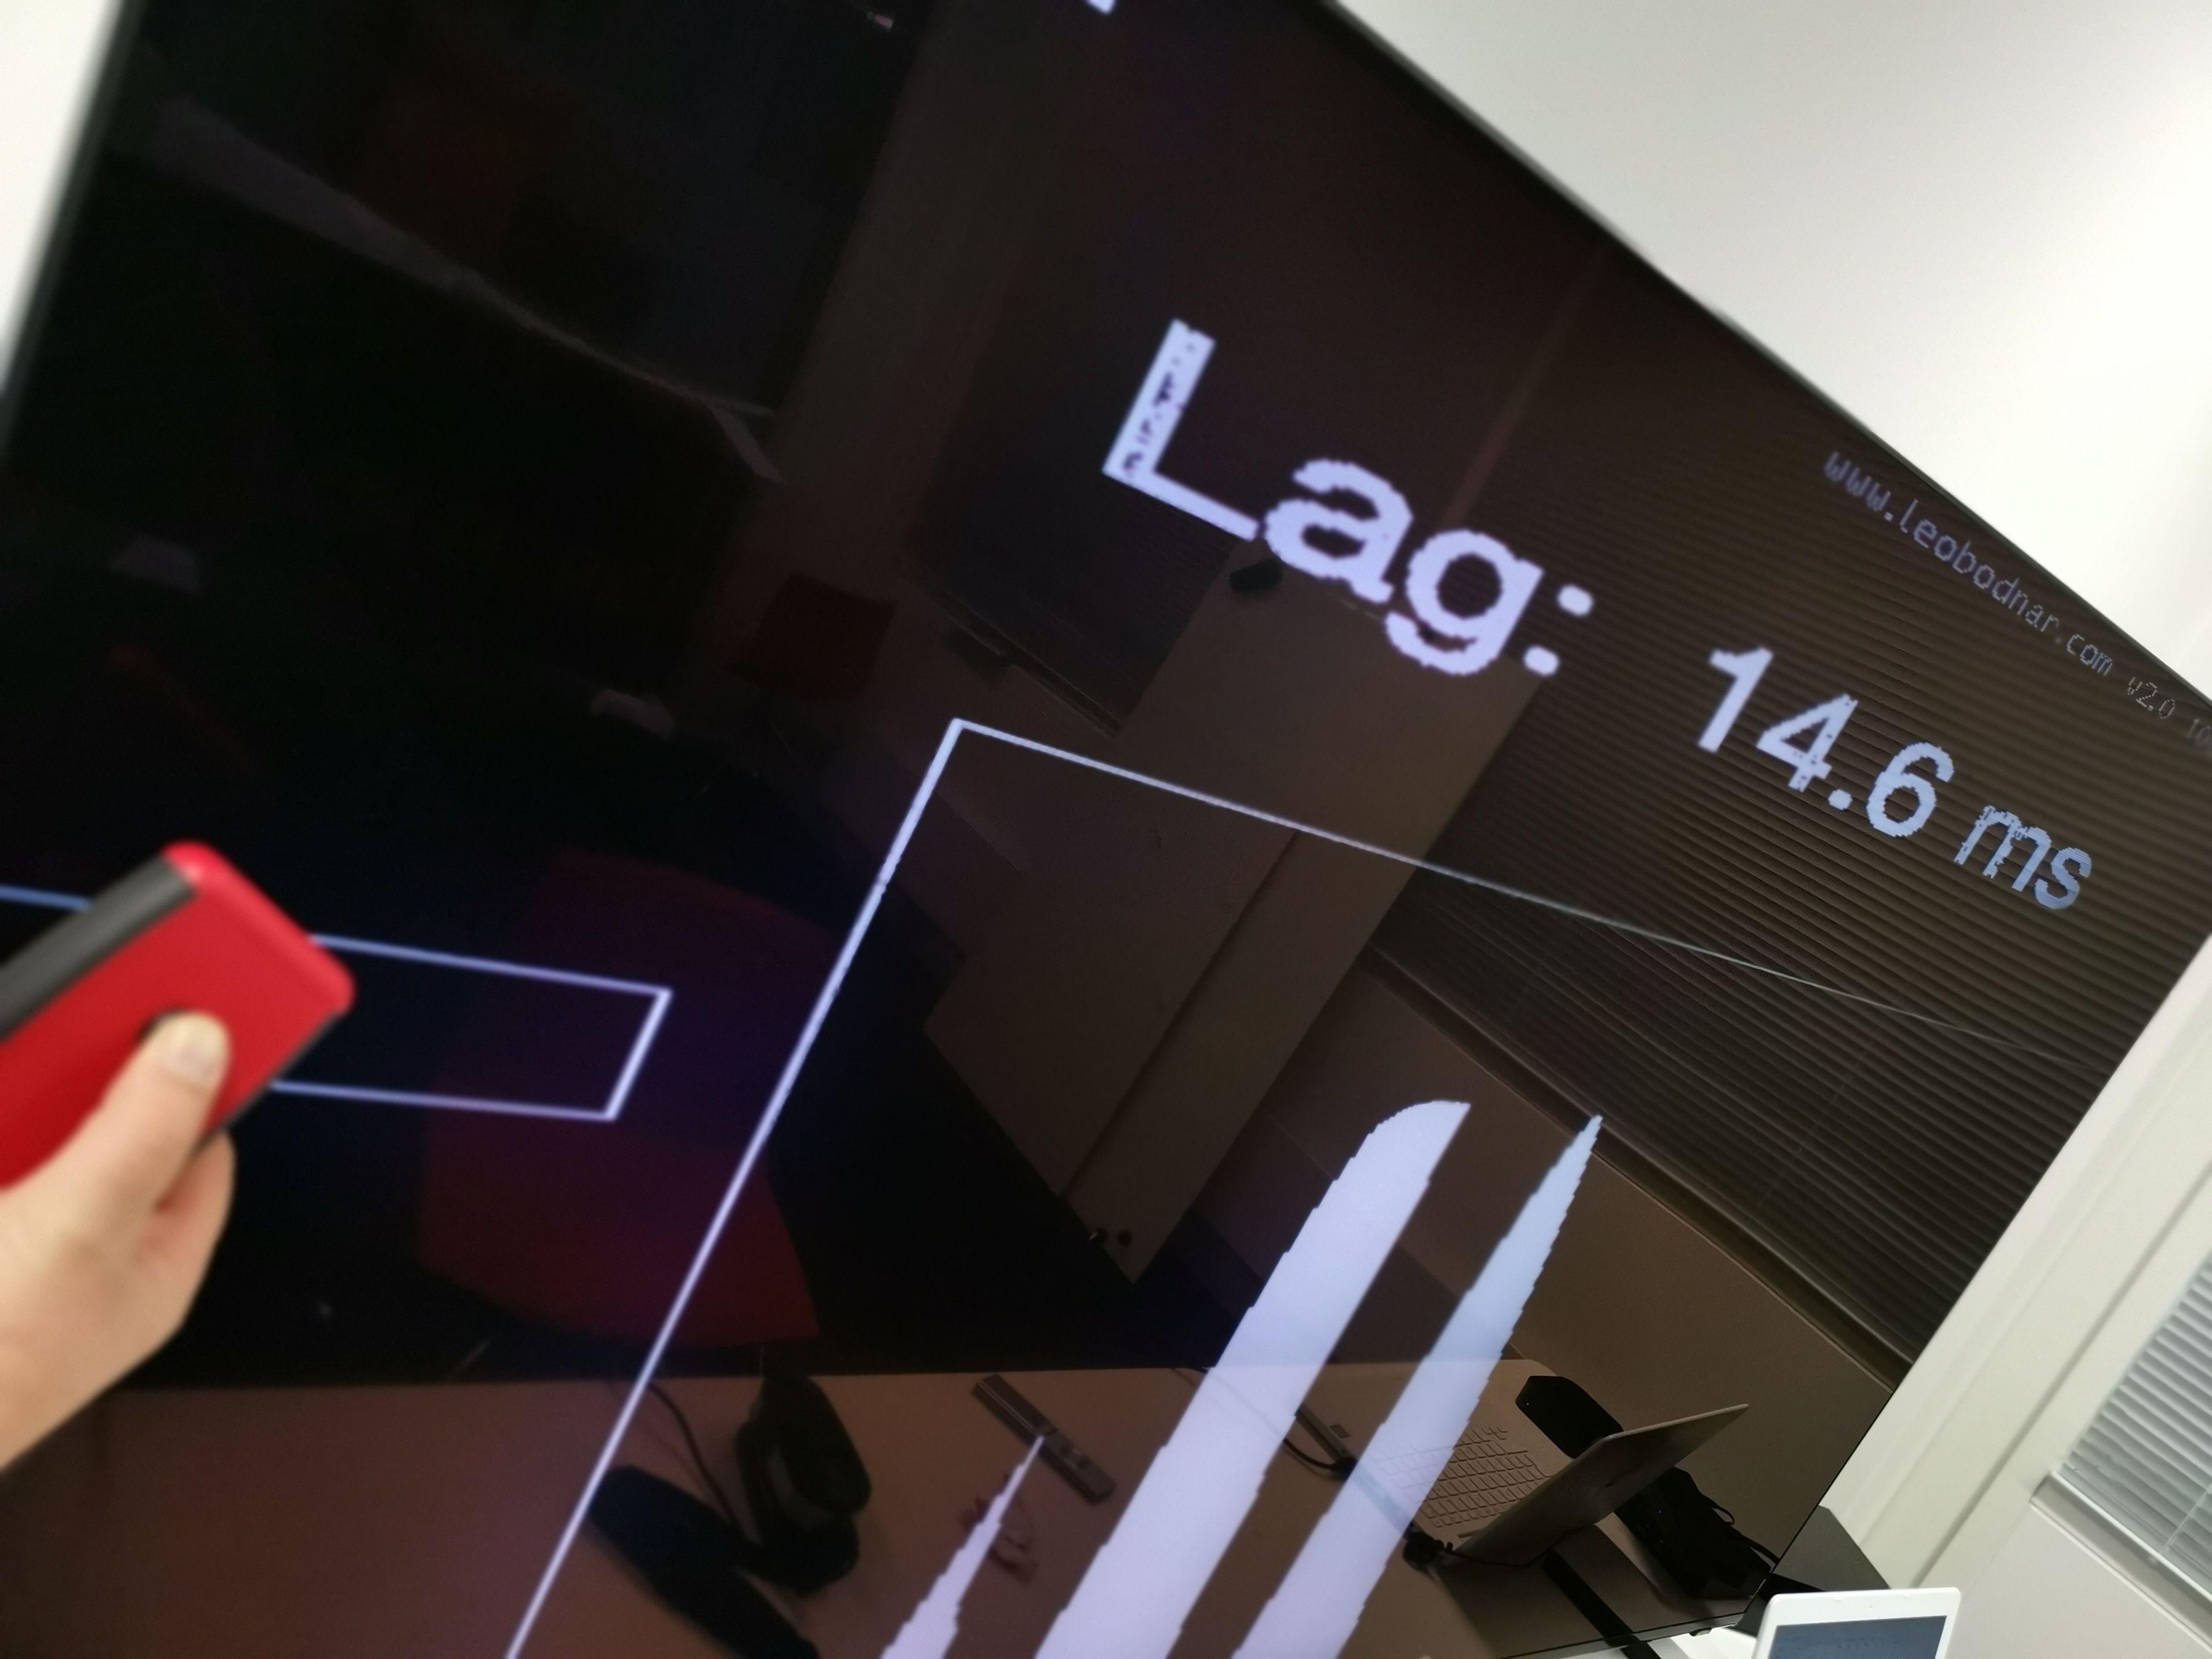 Inputlagen er lav på denne skjermen, og gjør at den egner seg godt til å spille på.